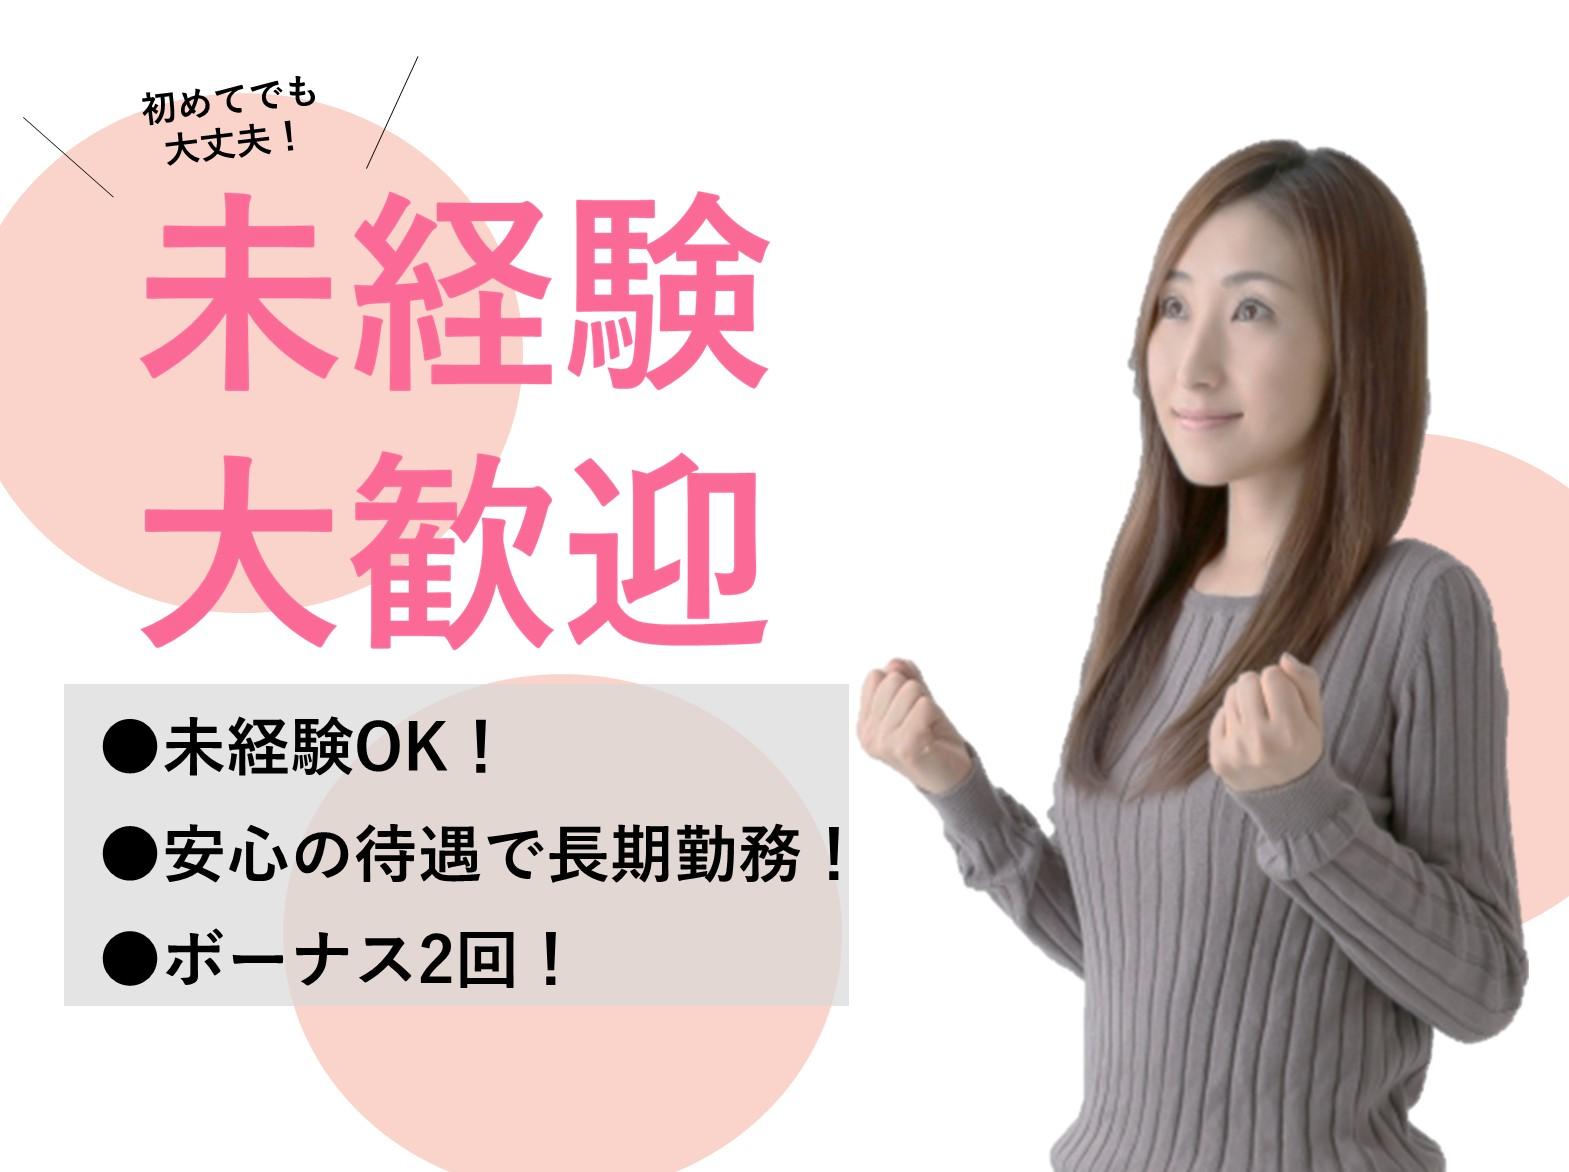 【急募】未経験OK!ボーナス2回♪精肉加工スタッフ イメージ